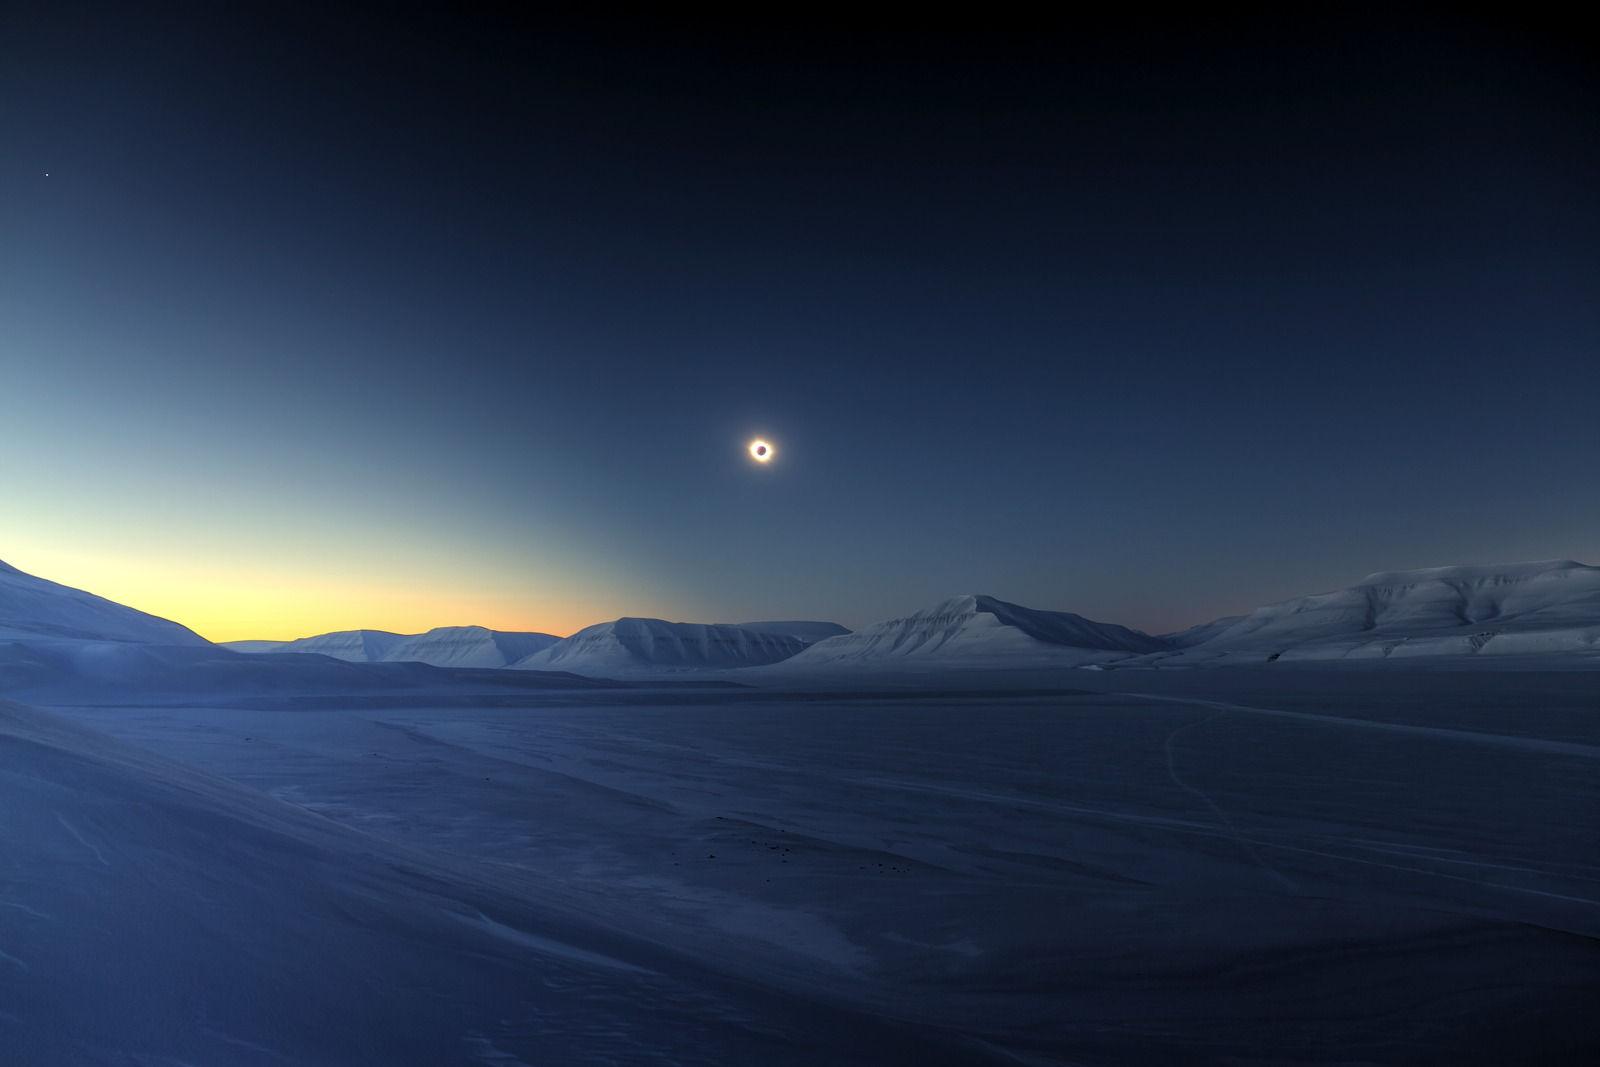 eclipse-totality-sassendalen-jamet